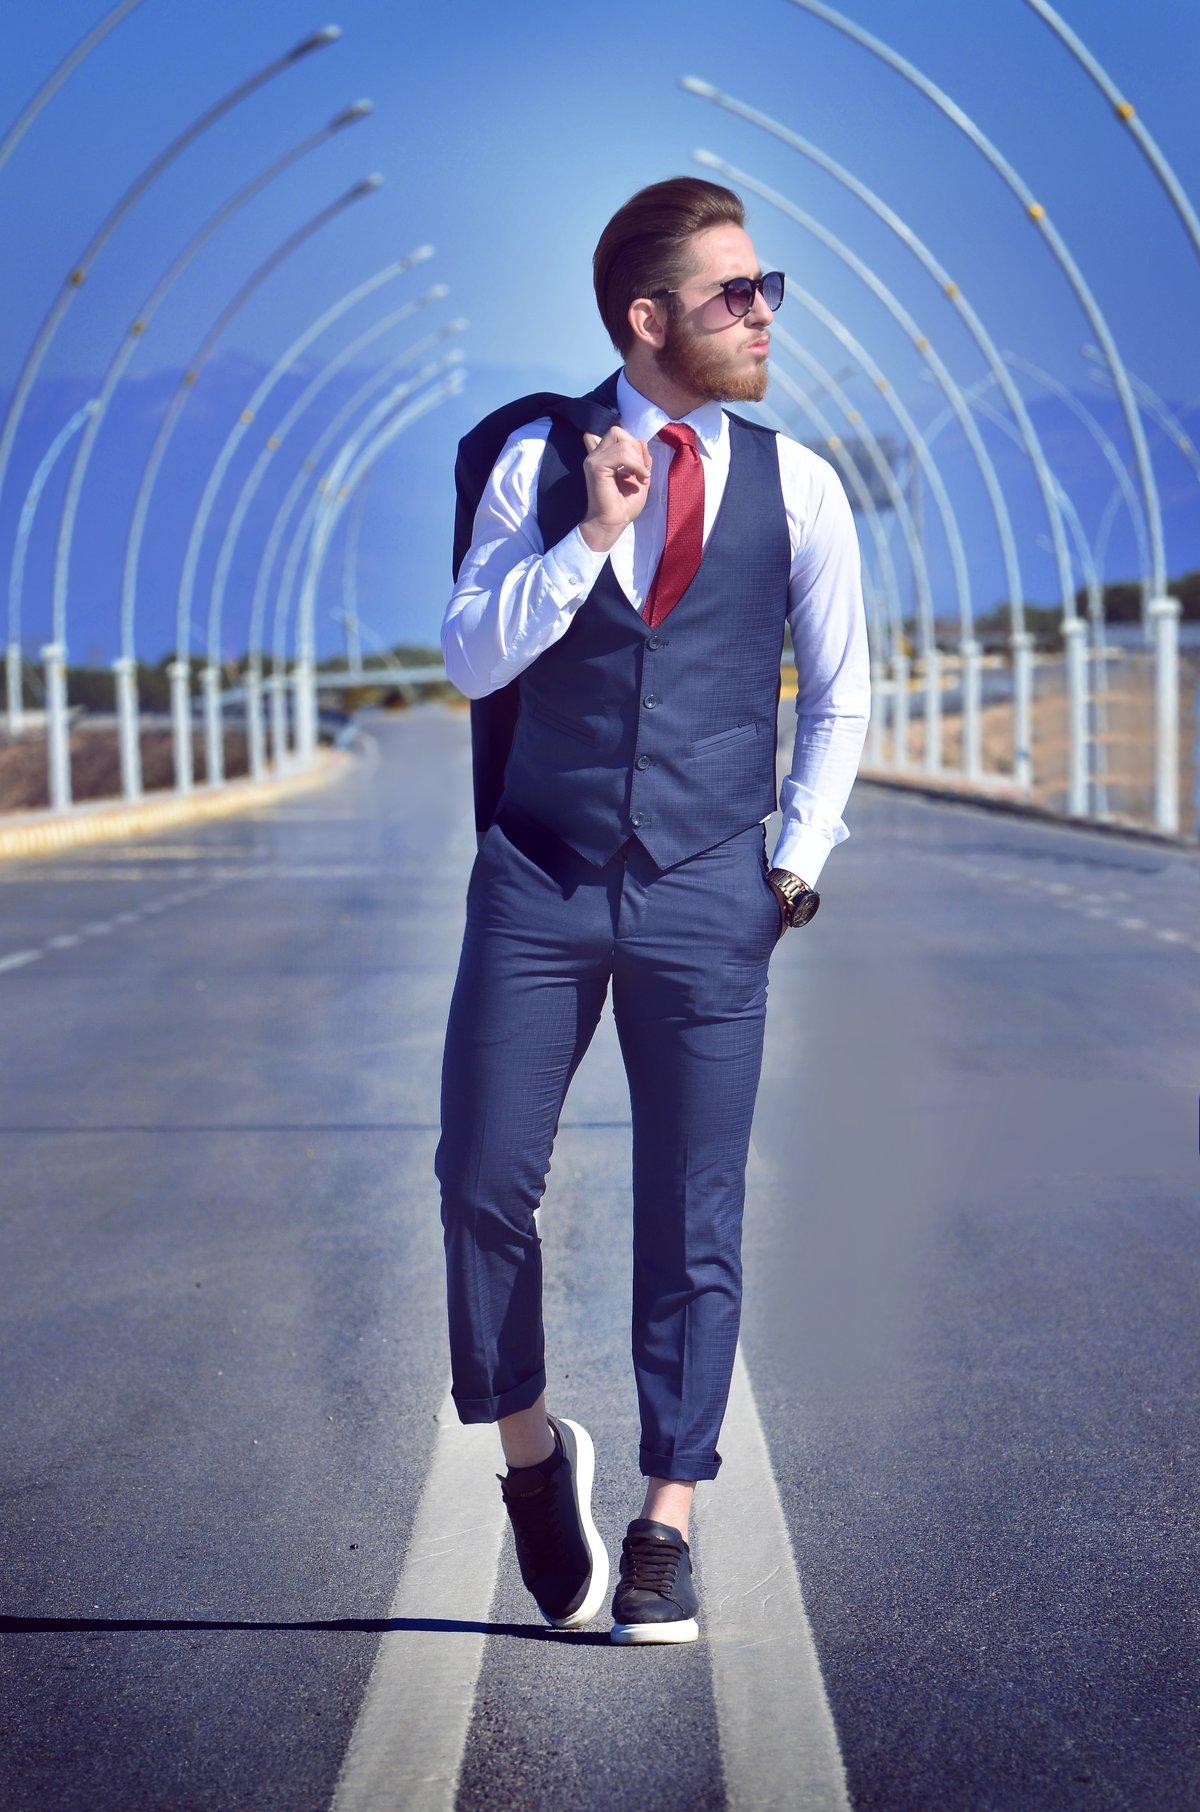 помочь как фотографироваться в мужском костюме разновидности железнодорожных